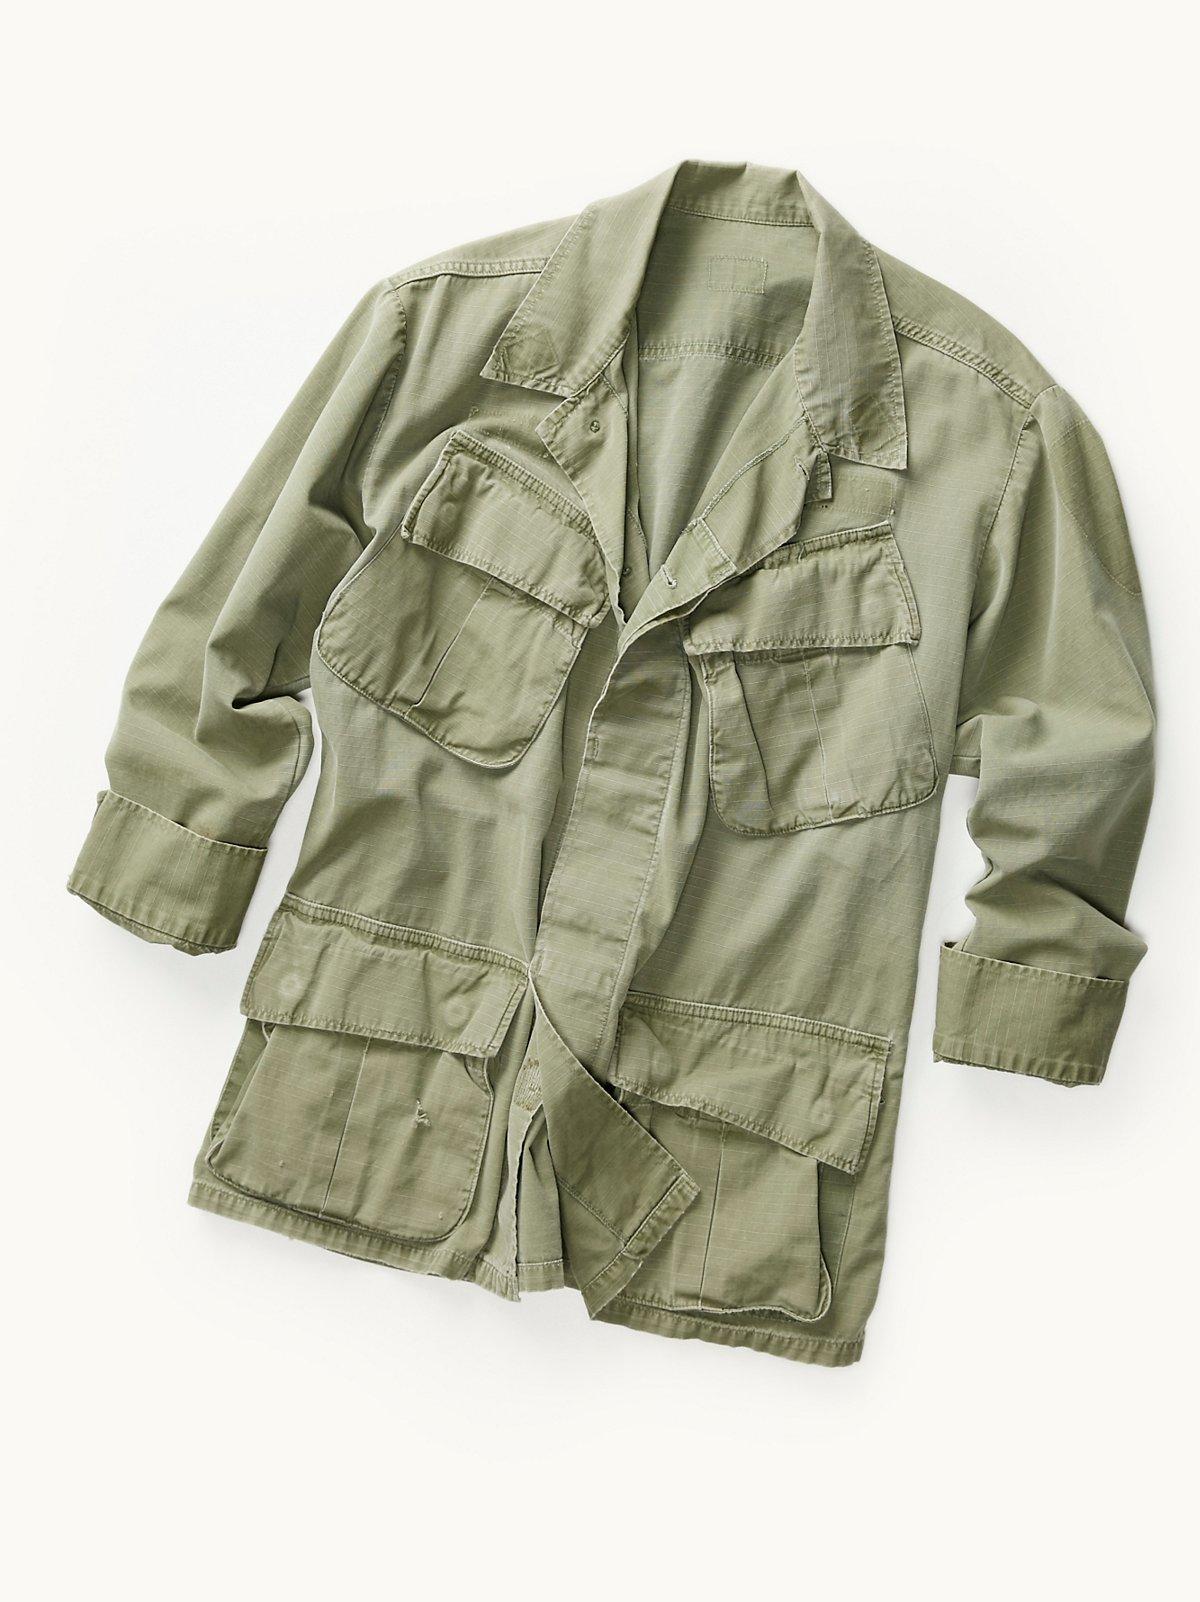 Vintage 1960s Jungle Jacket